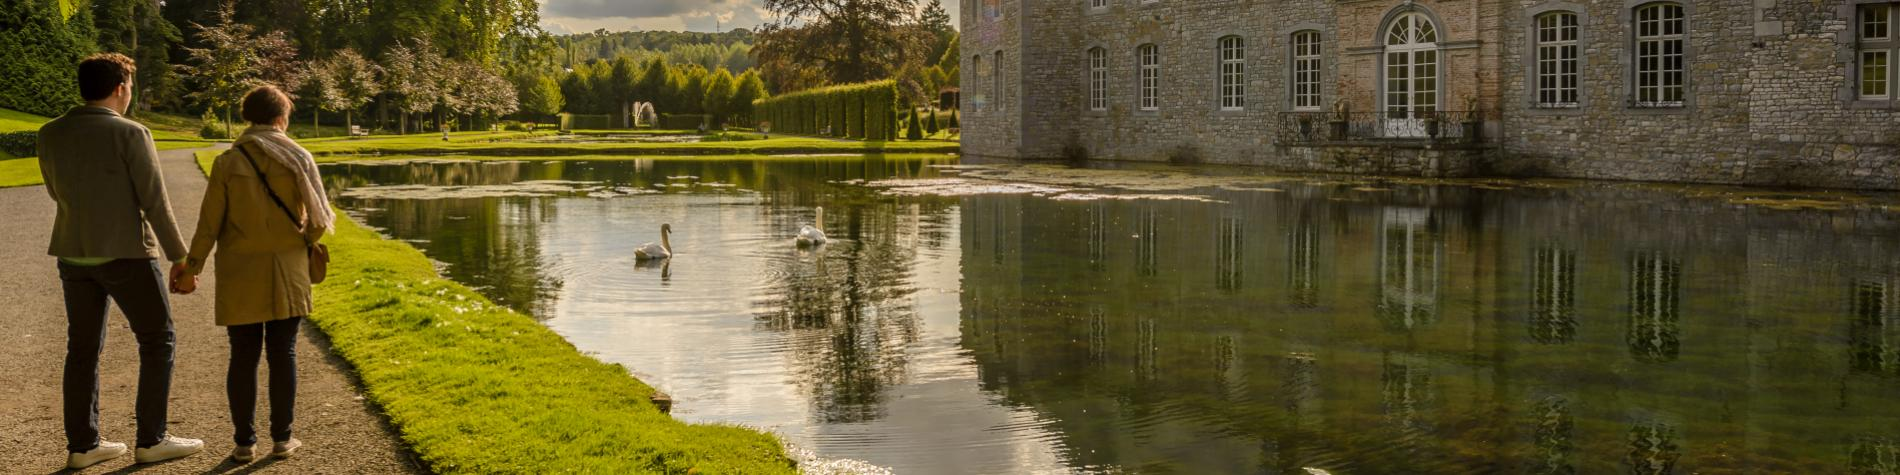 Flanieren Sie durch die Gärten des Schlosses von Annevoie